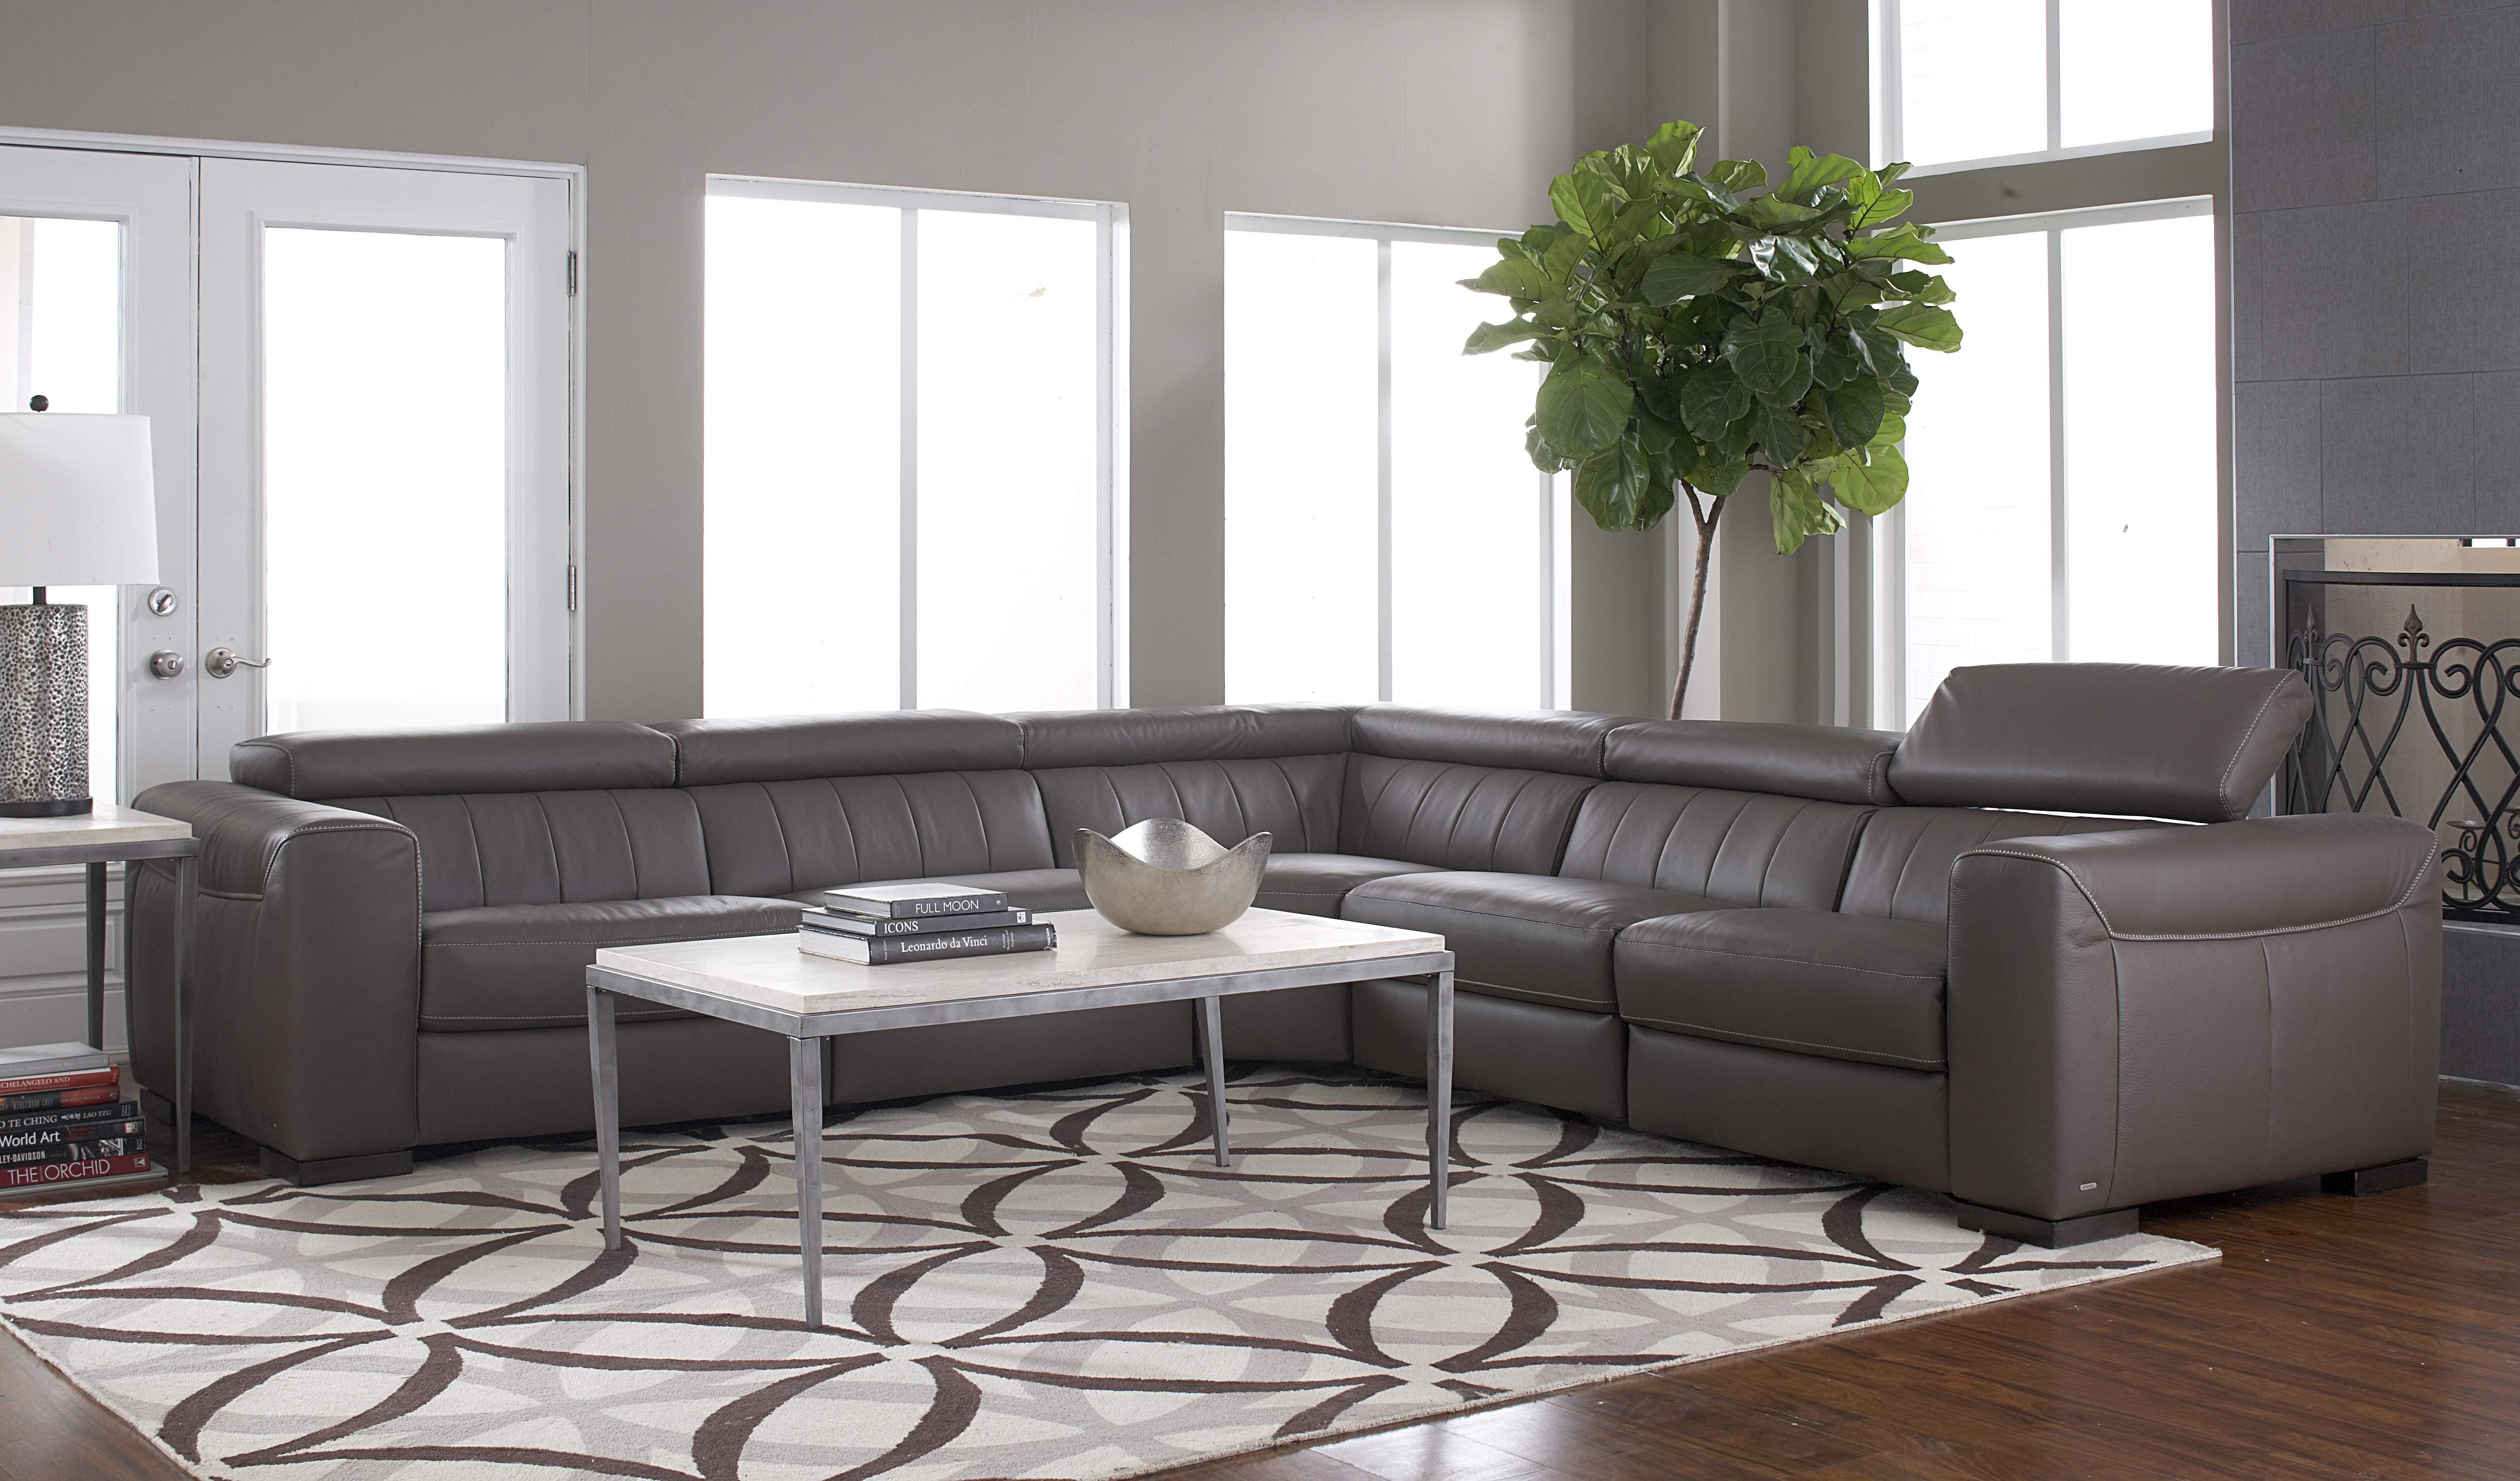 Natuzzi Editions Forza B790 One Ten Home Furnishings